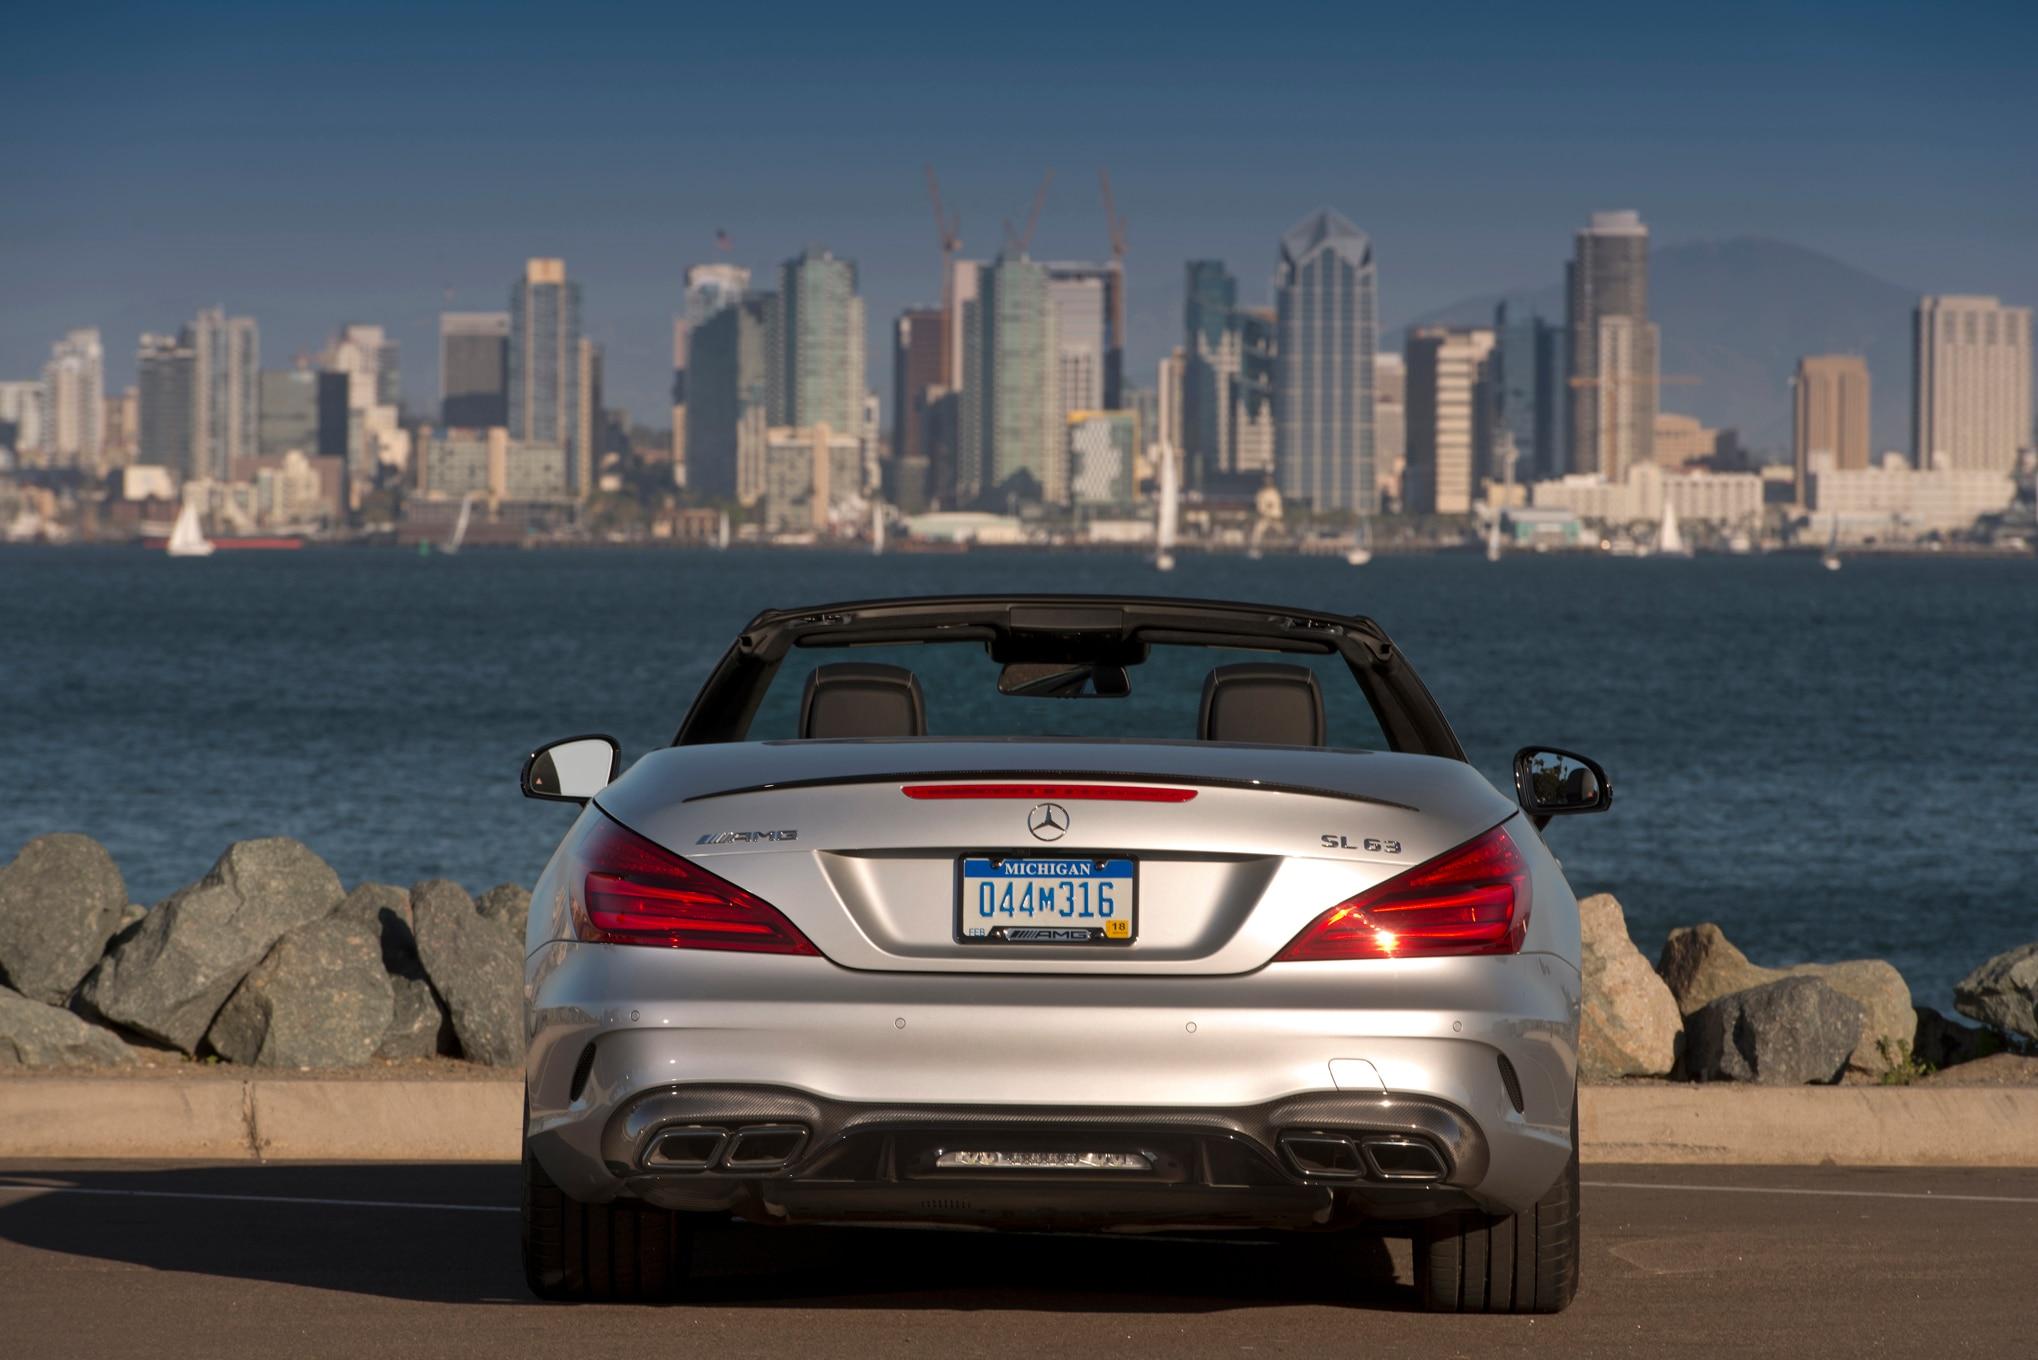 https://st.automobilemag.com/uploads/sites/11/2016/02/2017-Mercedes-AMG-SL63-rear-end.jpg